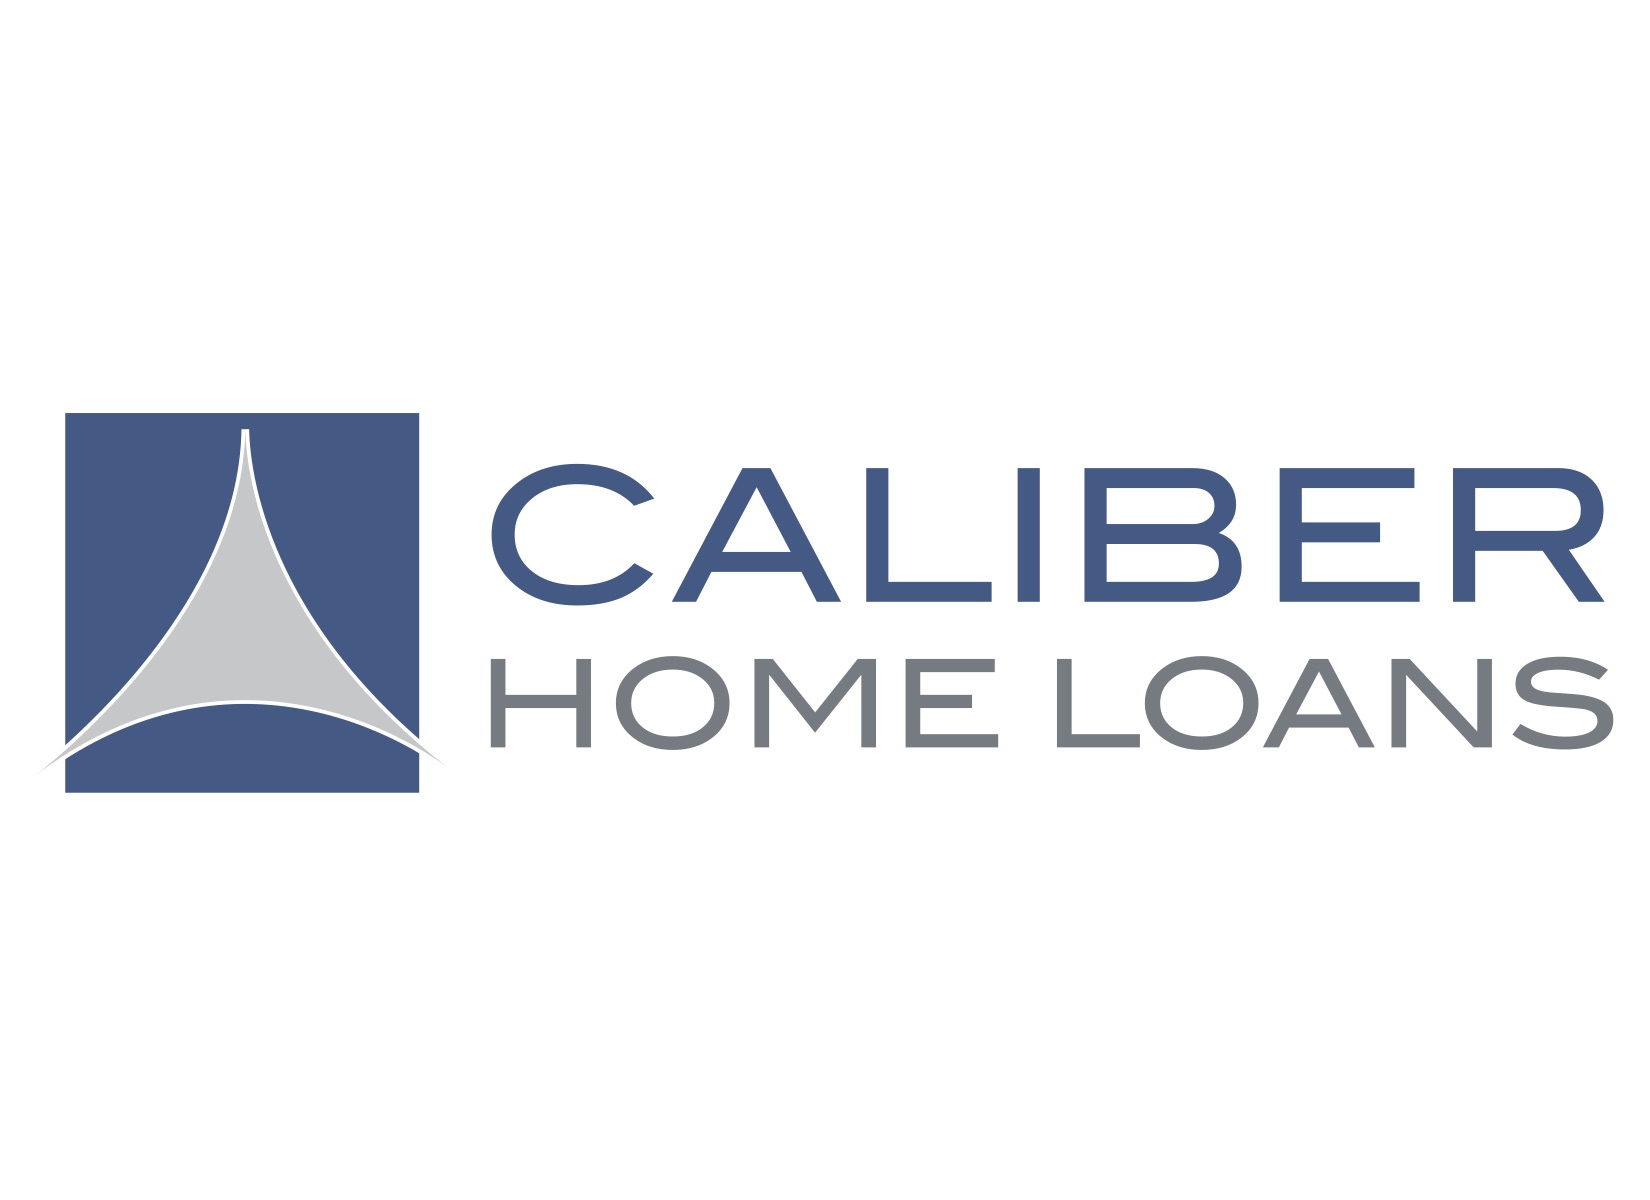 Caliber Home Loan Logos.jpg